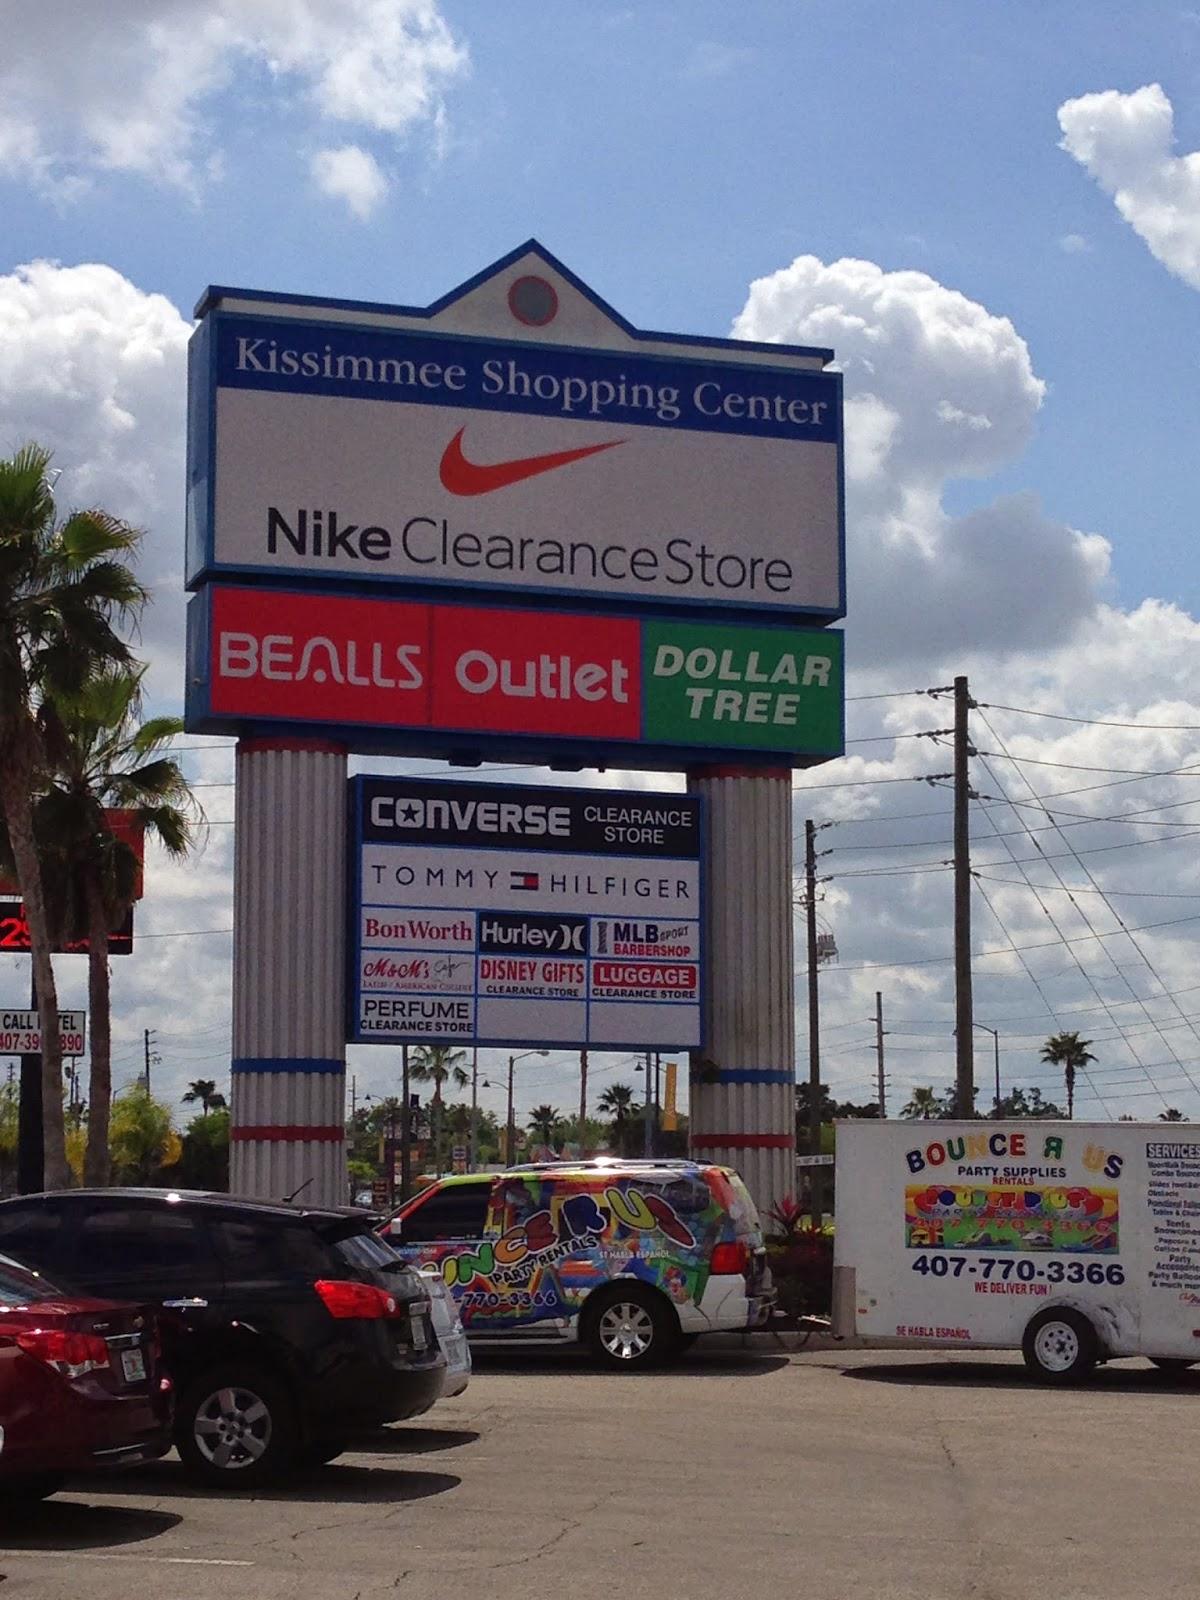 537bdcc78 ... sapatos na Converse, malas Luggage, entre outros e com preços mais  baixos que os Outlets de Orlando, a melhor opção é o Kissimmee Shopping  Center.